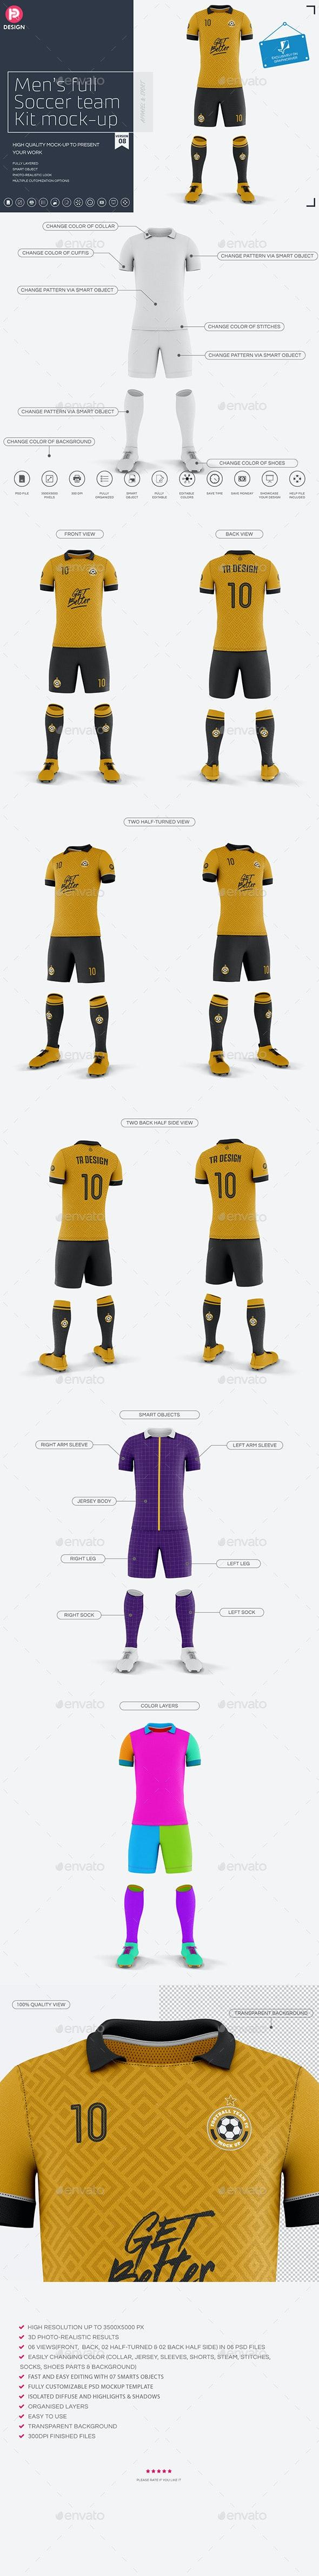 Men's Full Soccer Team Kit Mockup V8 - Miscellaneous Product Mock-Ups